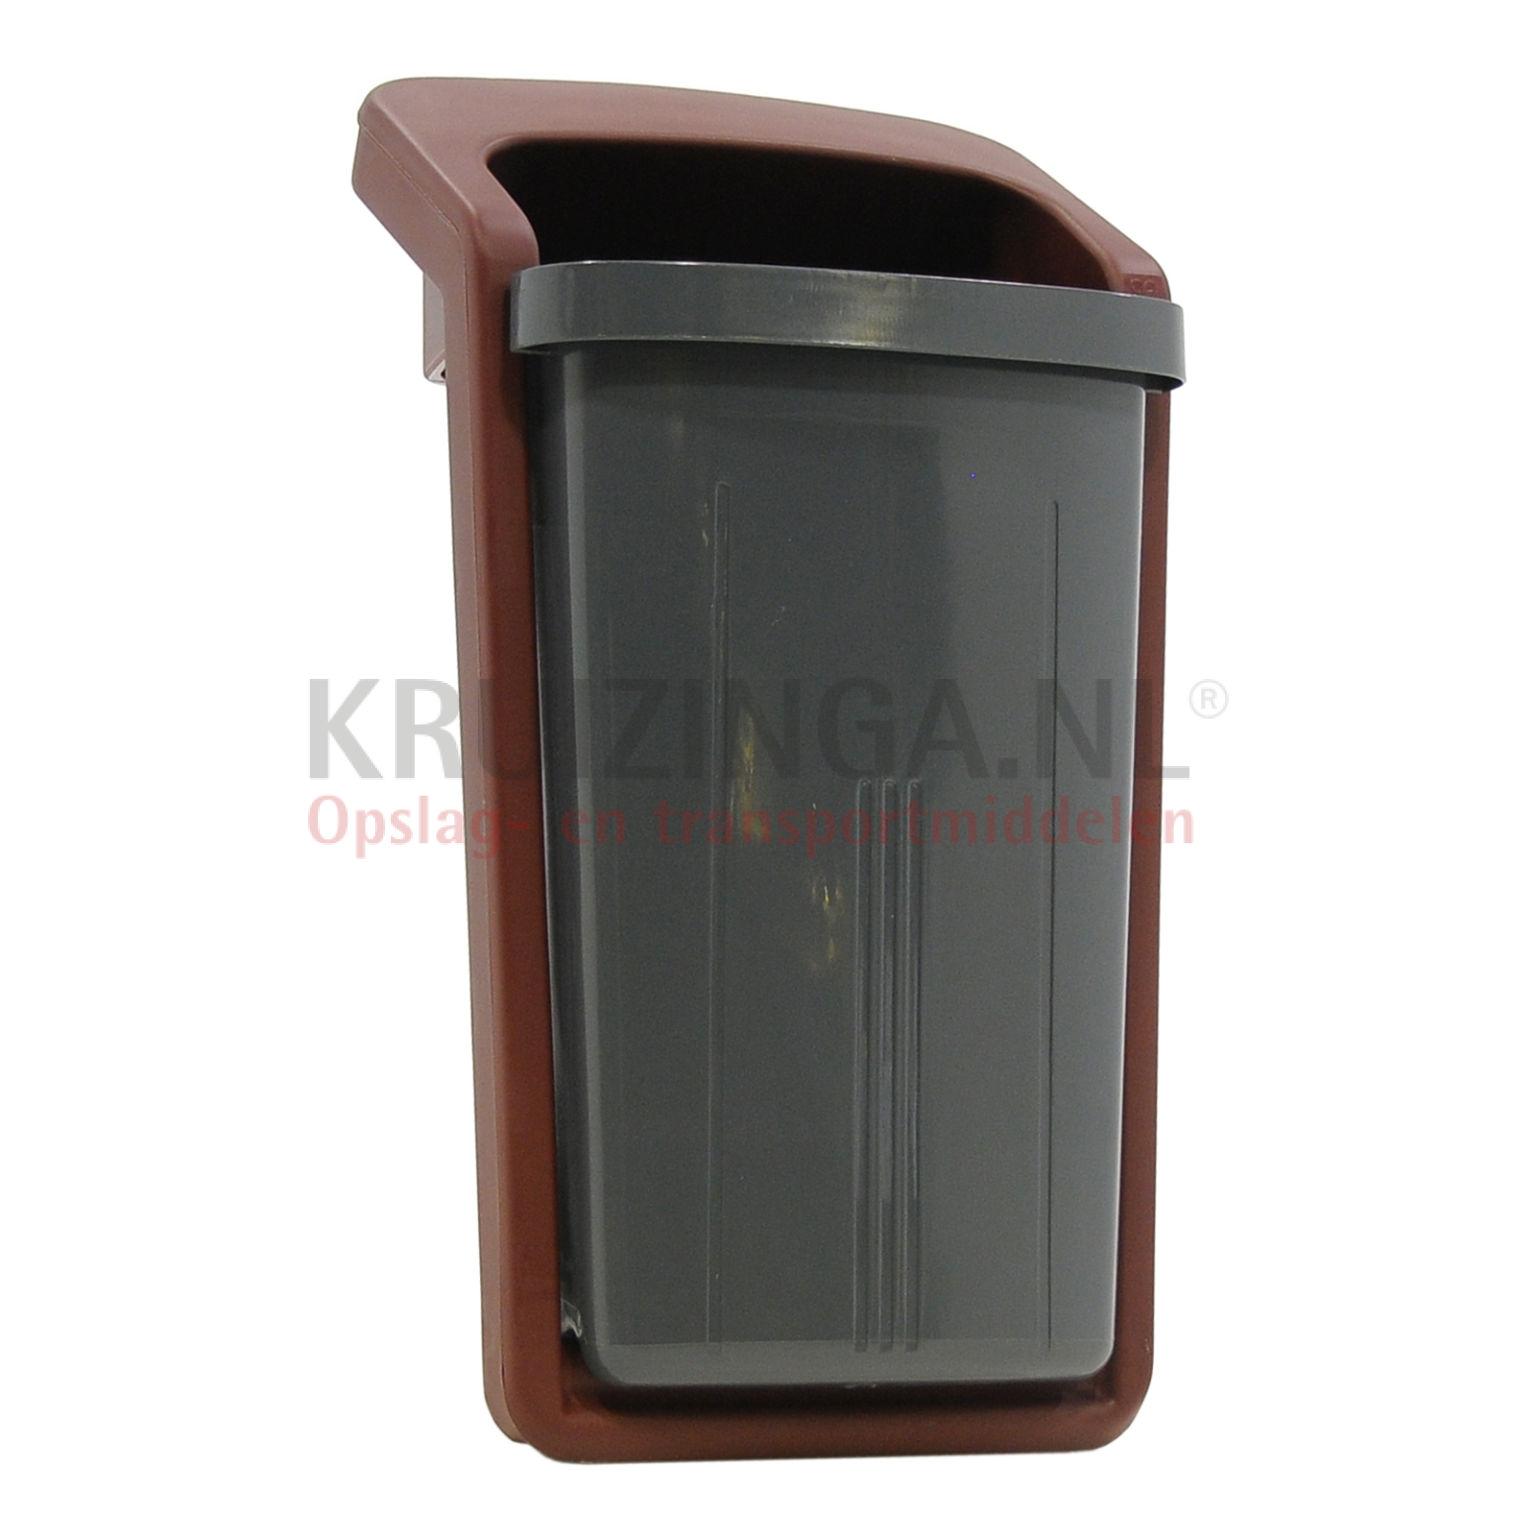 abfalleimer f r au enbereich abfall und reinigung kunststoff m lltonne mit einsatz ffnung. Black Bedroom Furniture Sets. Home Design Ideas